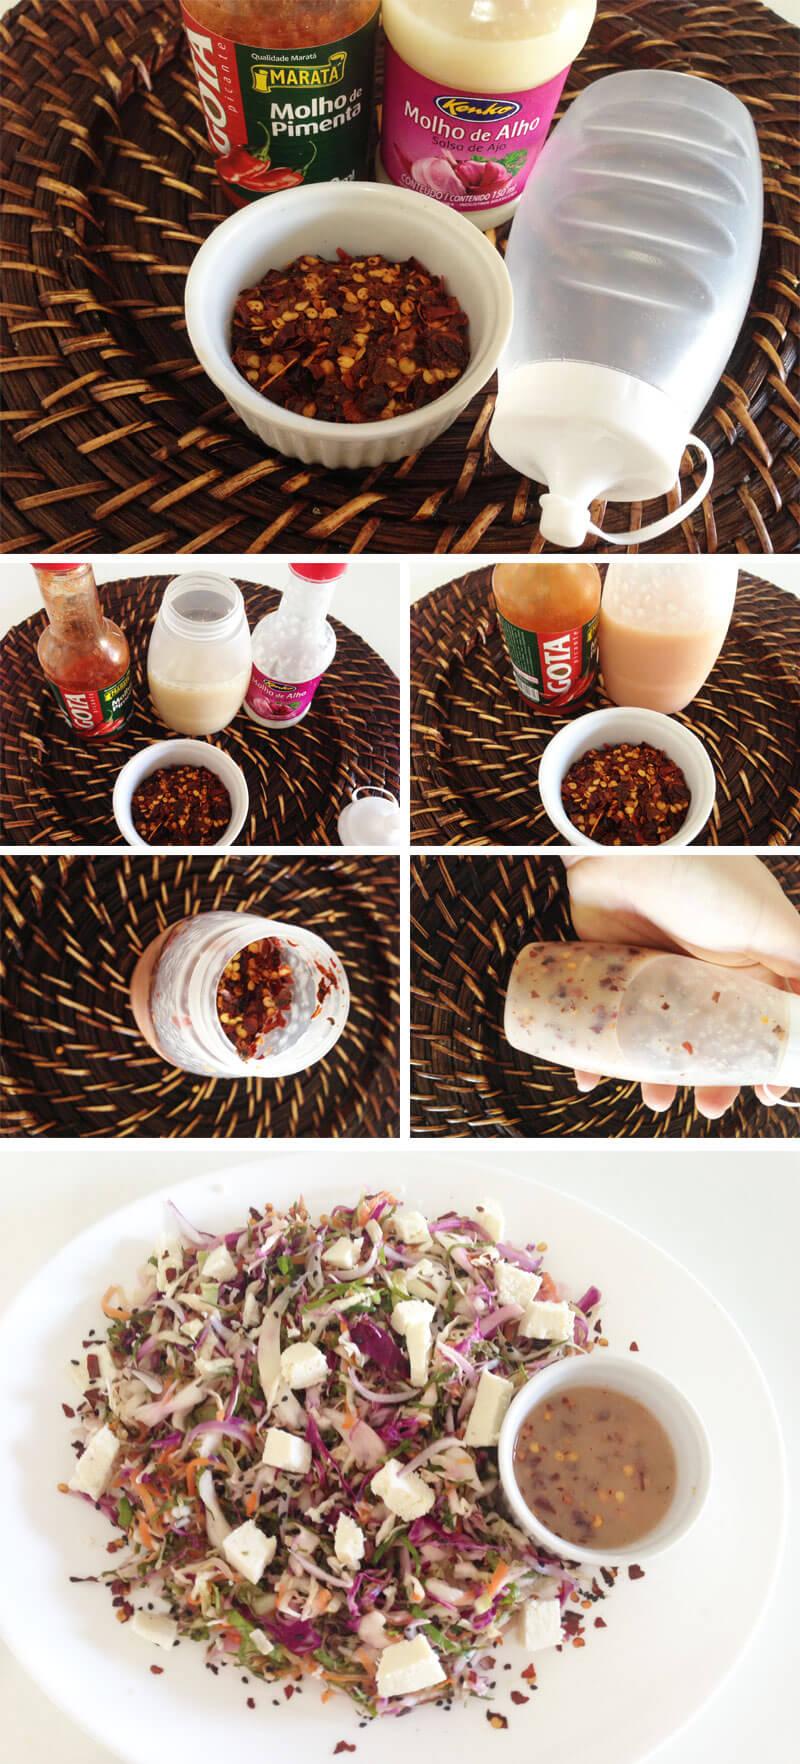 receita de molho de alho picante juro valendo